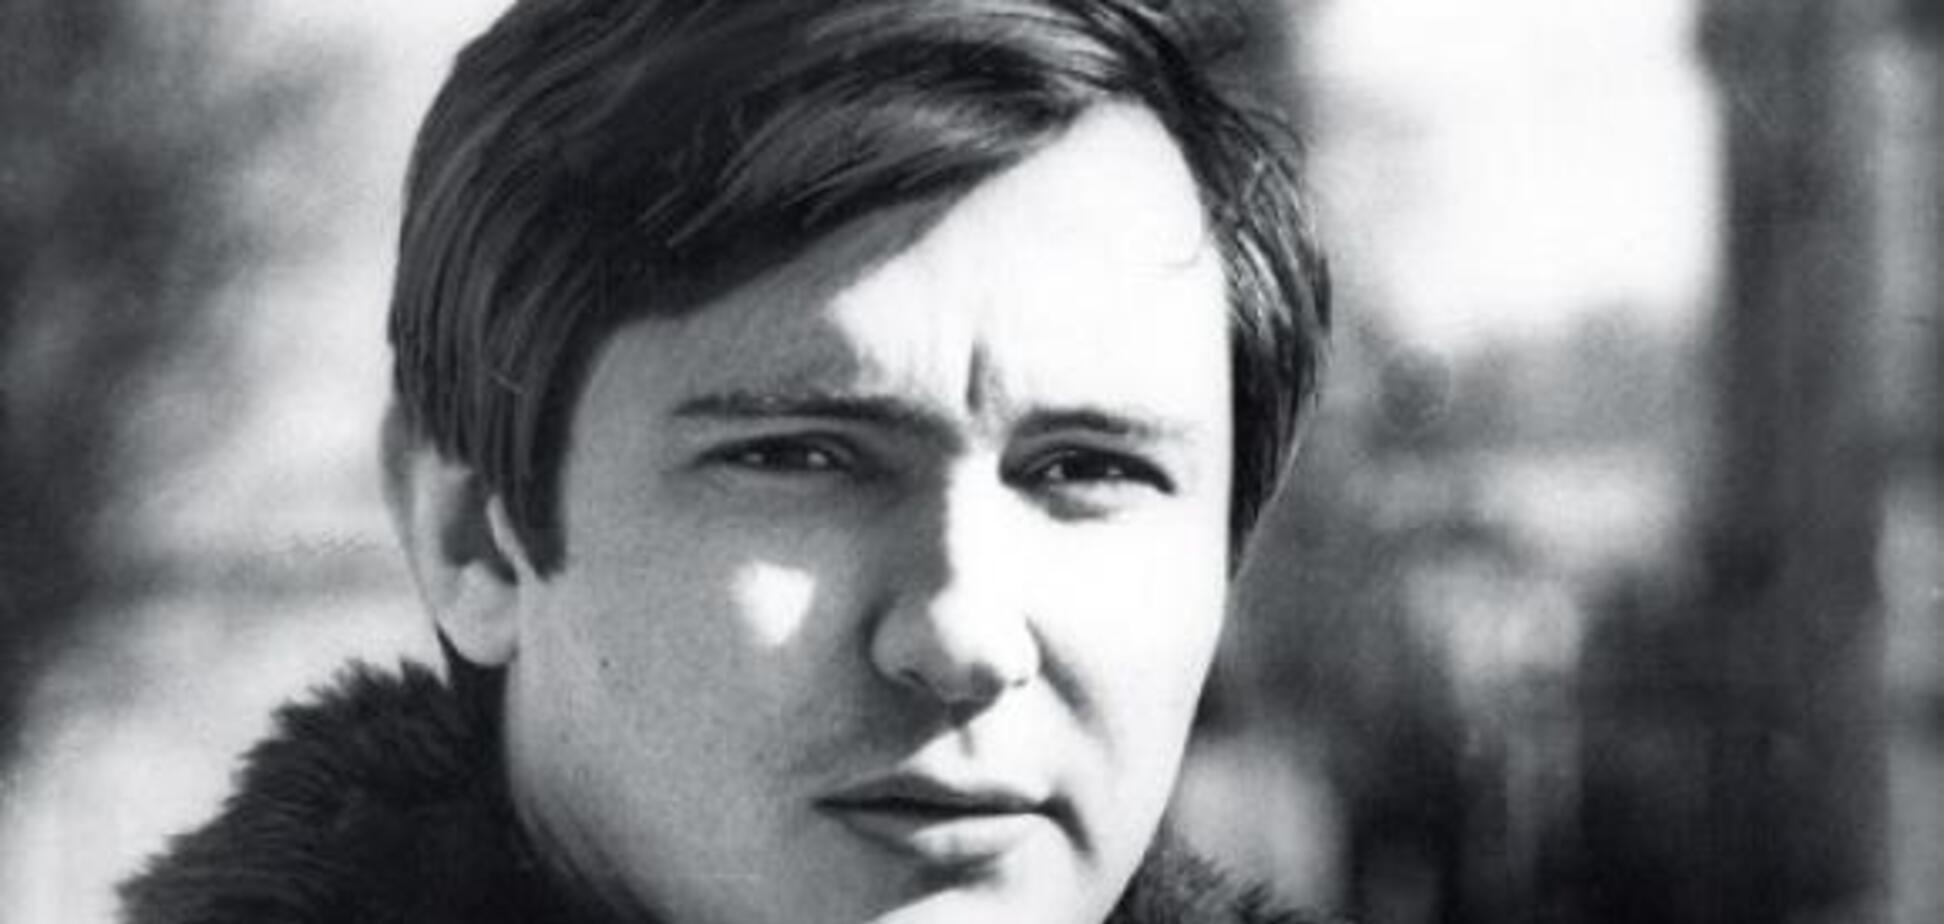 Незабутній Володимир Івасюк. Сьогодні йому б виповнилося 70 років